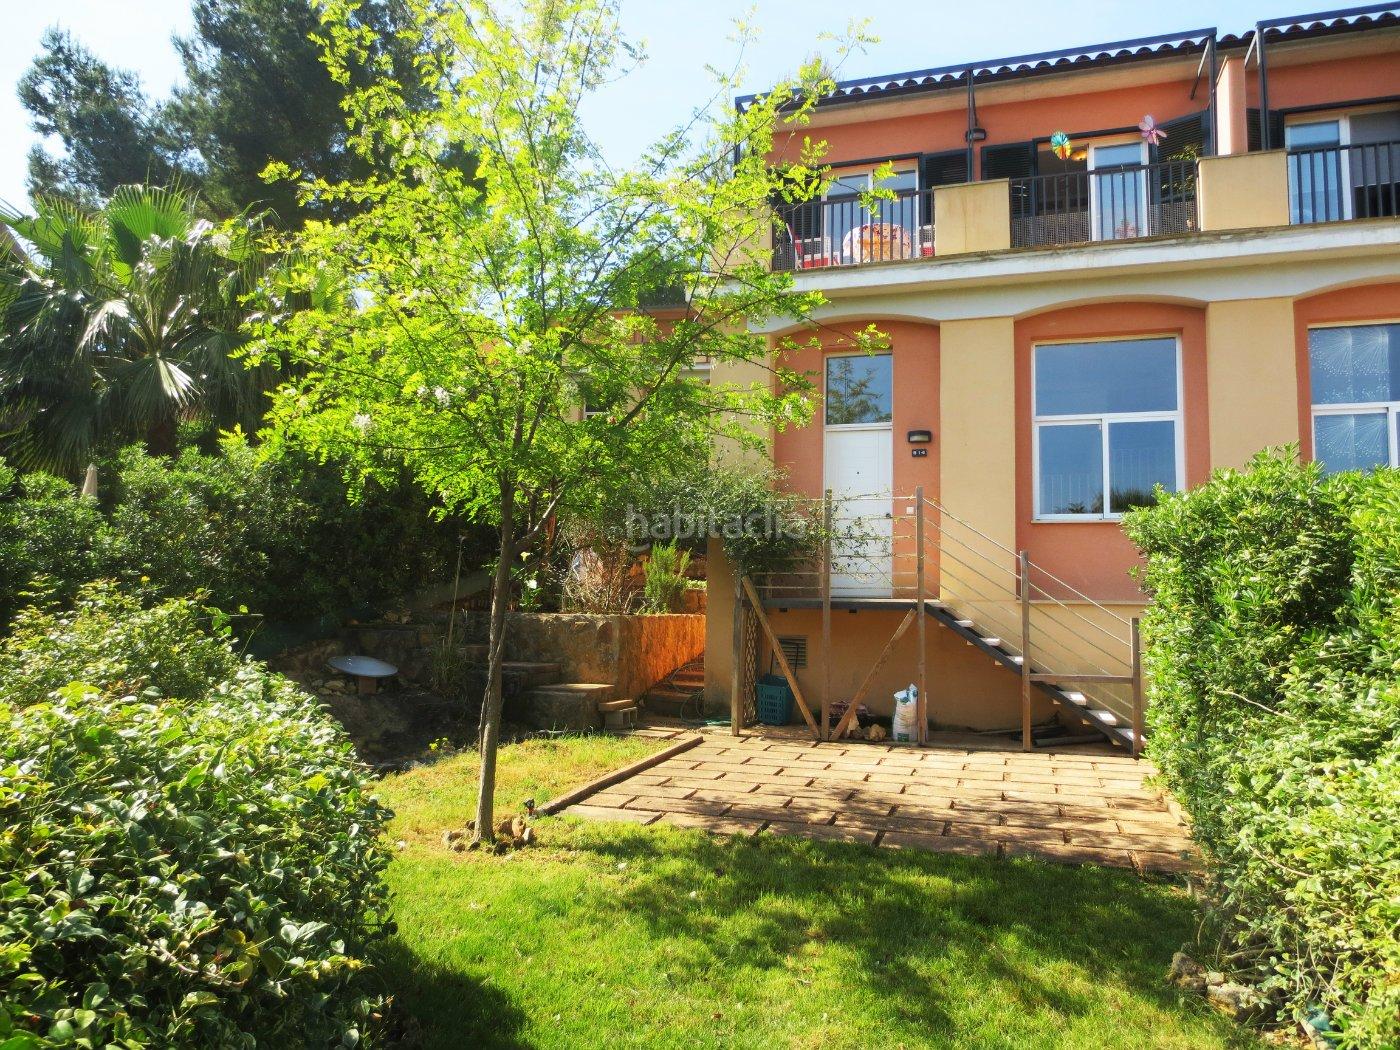 Casa adosada por en carrer margalides soleada - Jardines de casas particulares ...